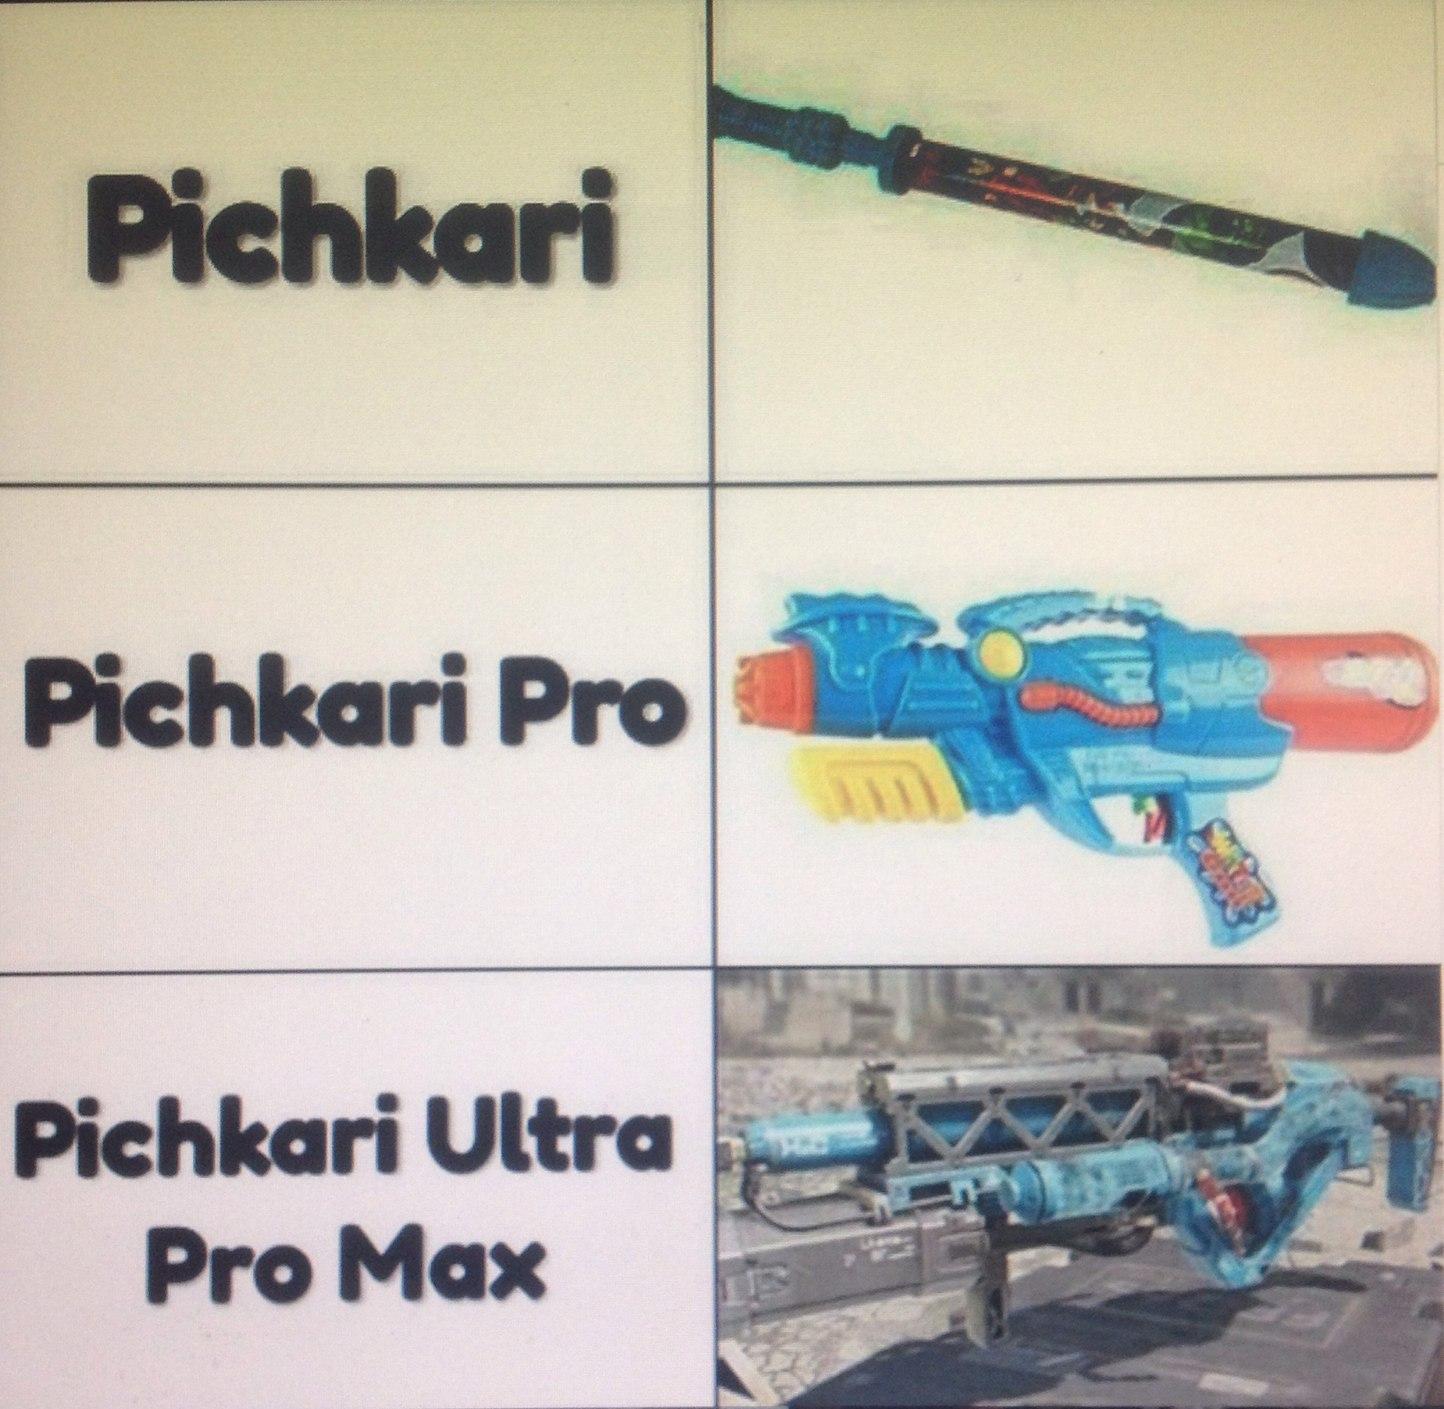 Para los que no entienda el pichkari es una marca de pistolas de agua - meme